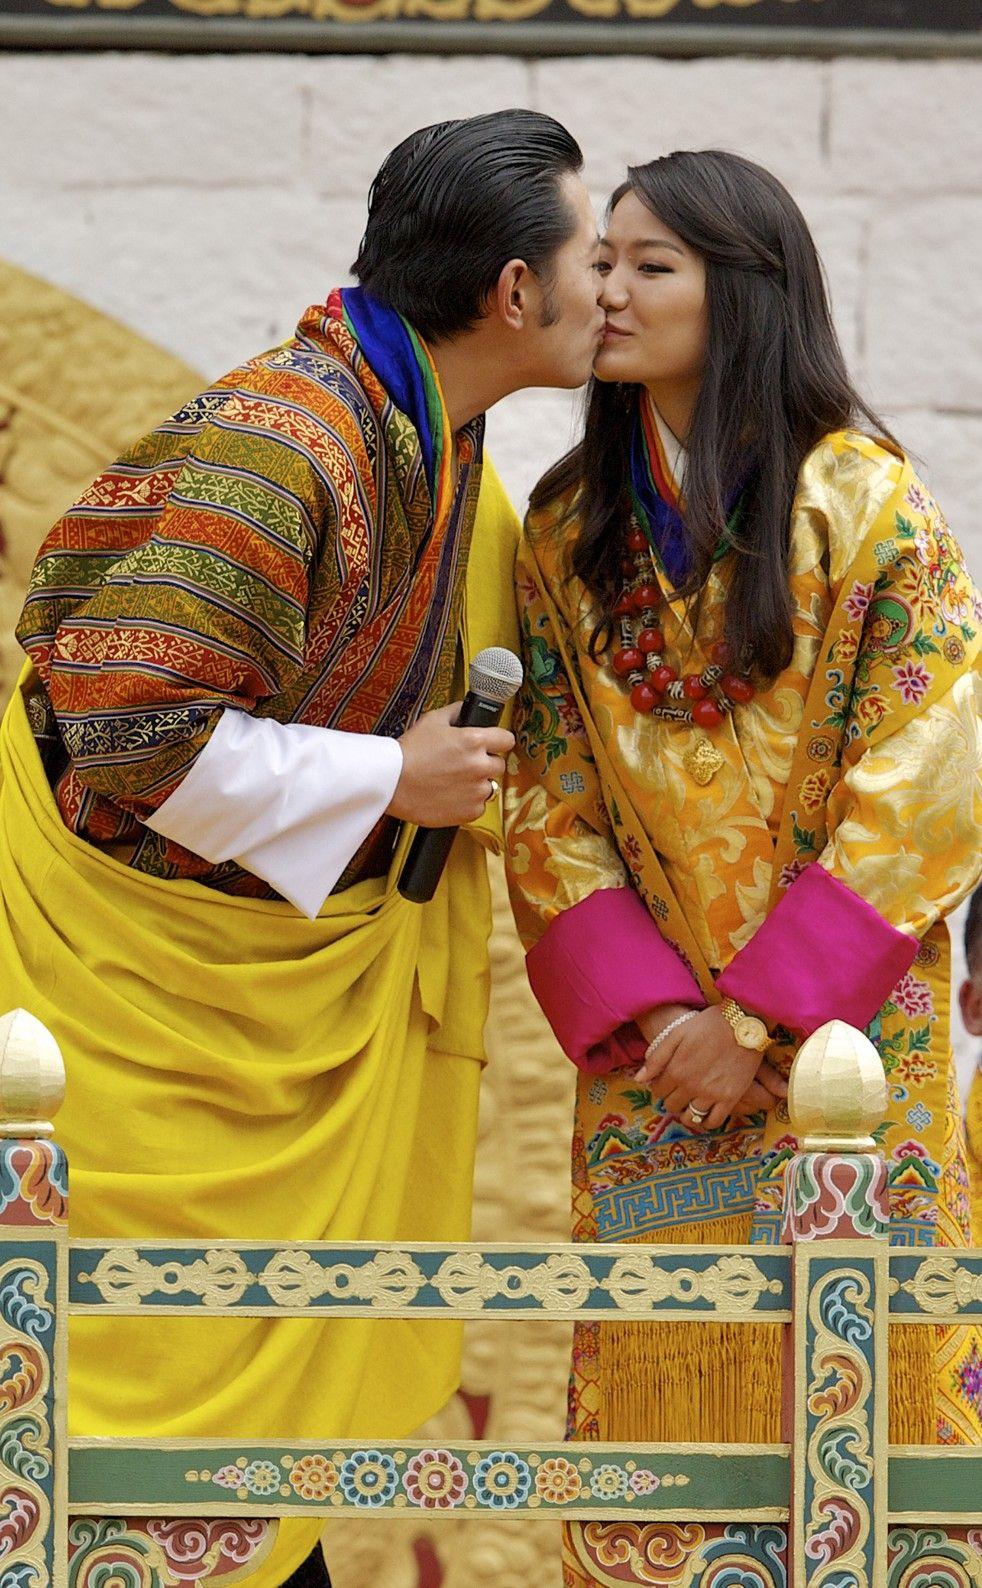 Bhutan People Bhutan People Bhutan Bhutan Royal Royal Brides